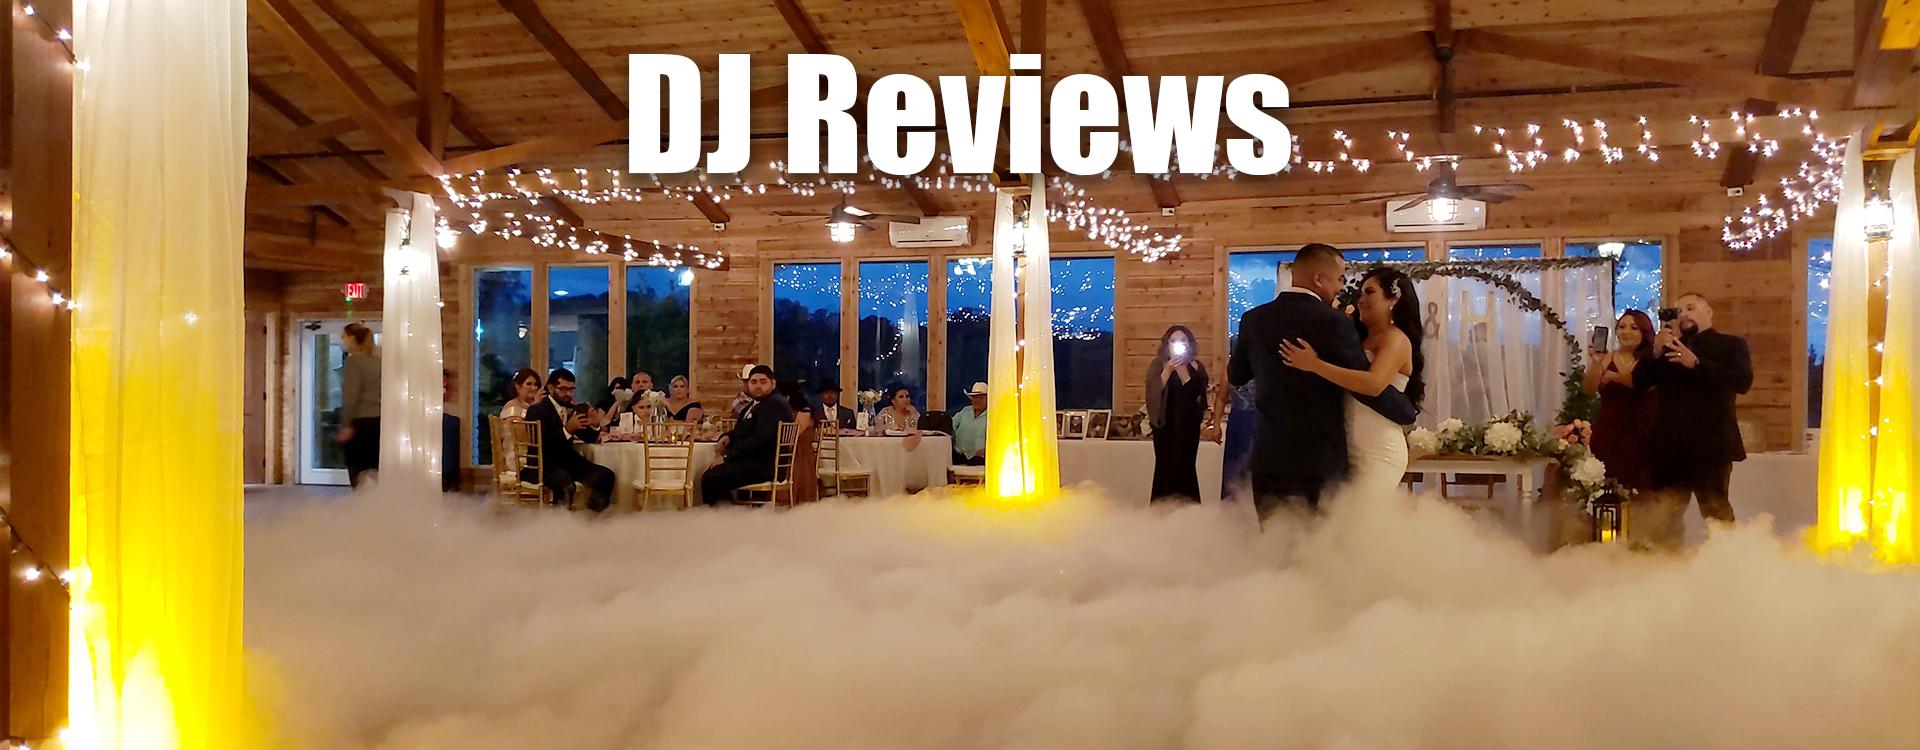 DJ Reviews